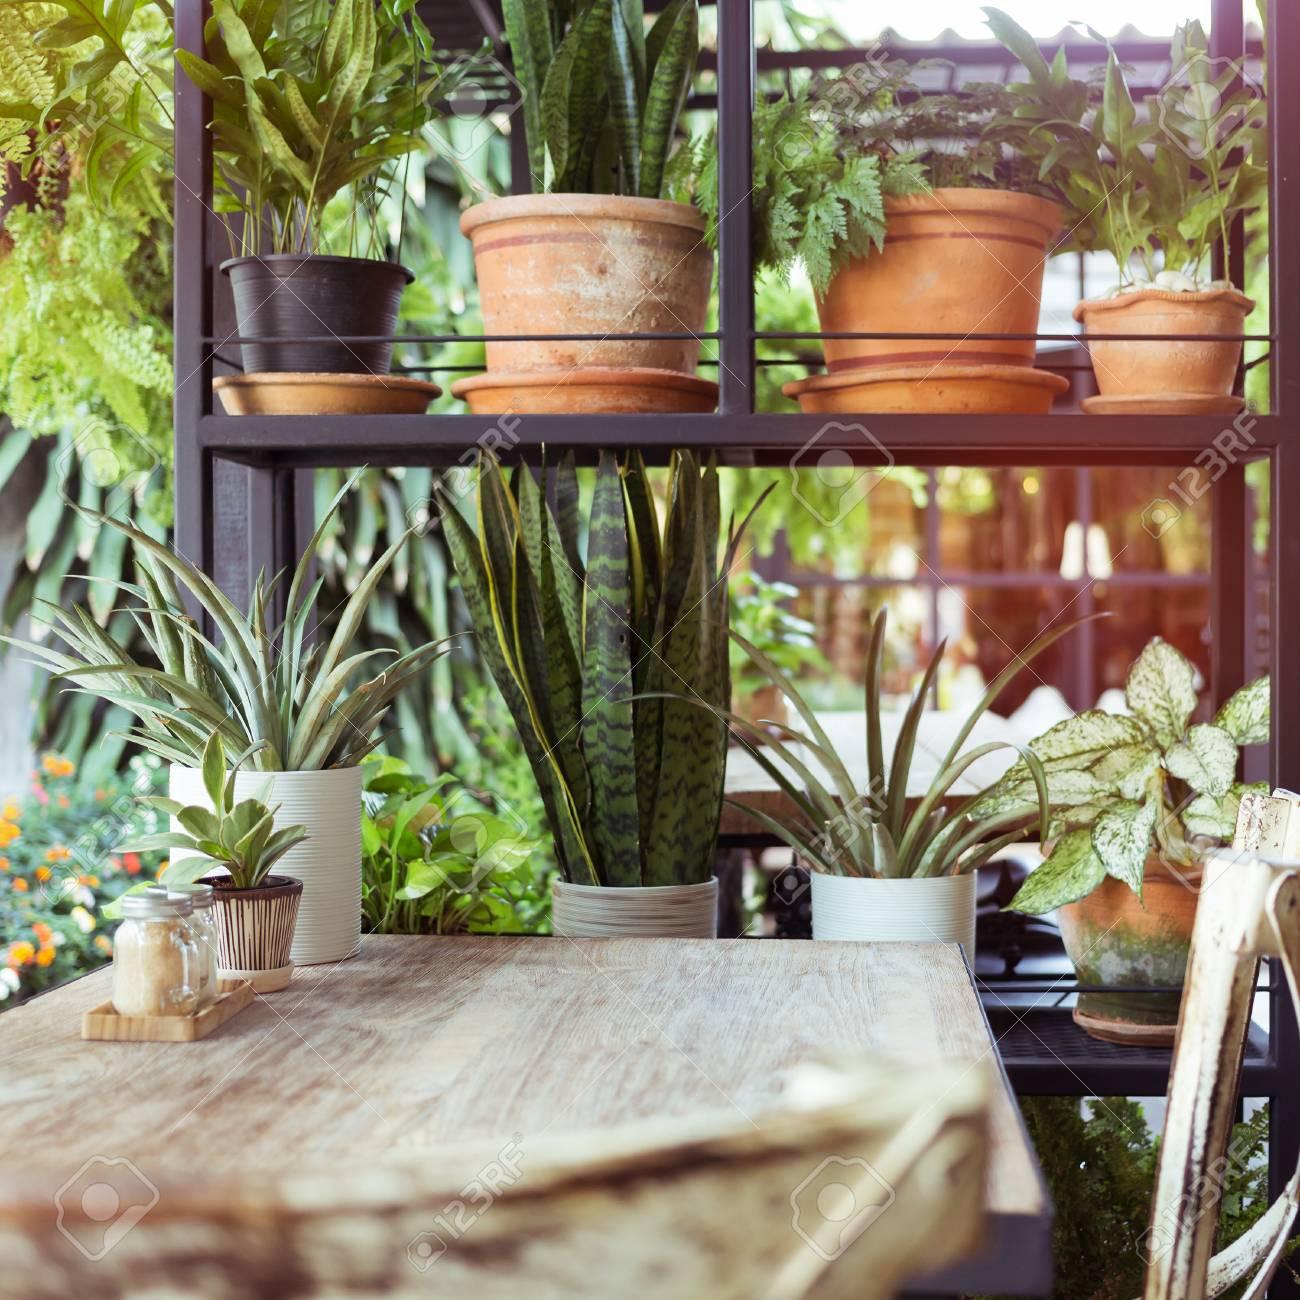 Charmant Banque Du0027images   Décoration Salon Style Intérieur éco Environnement Vert  Avec Des Plantes Et Des Arbres